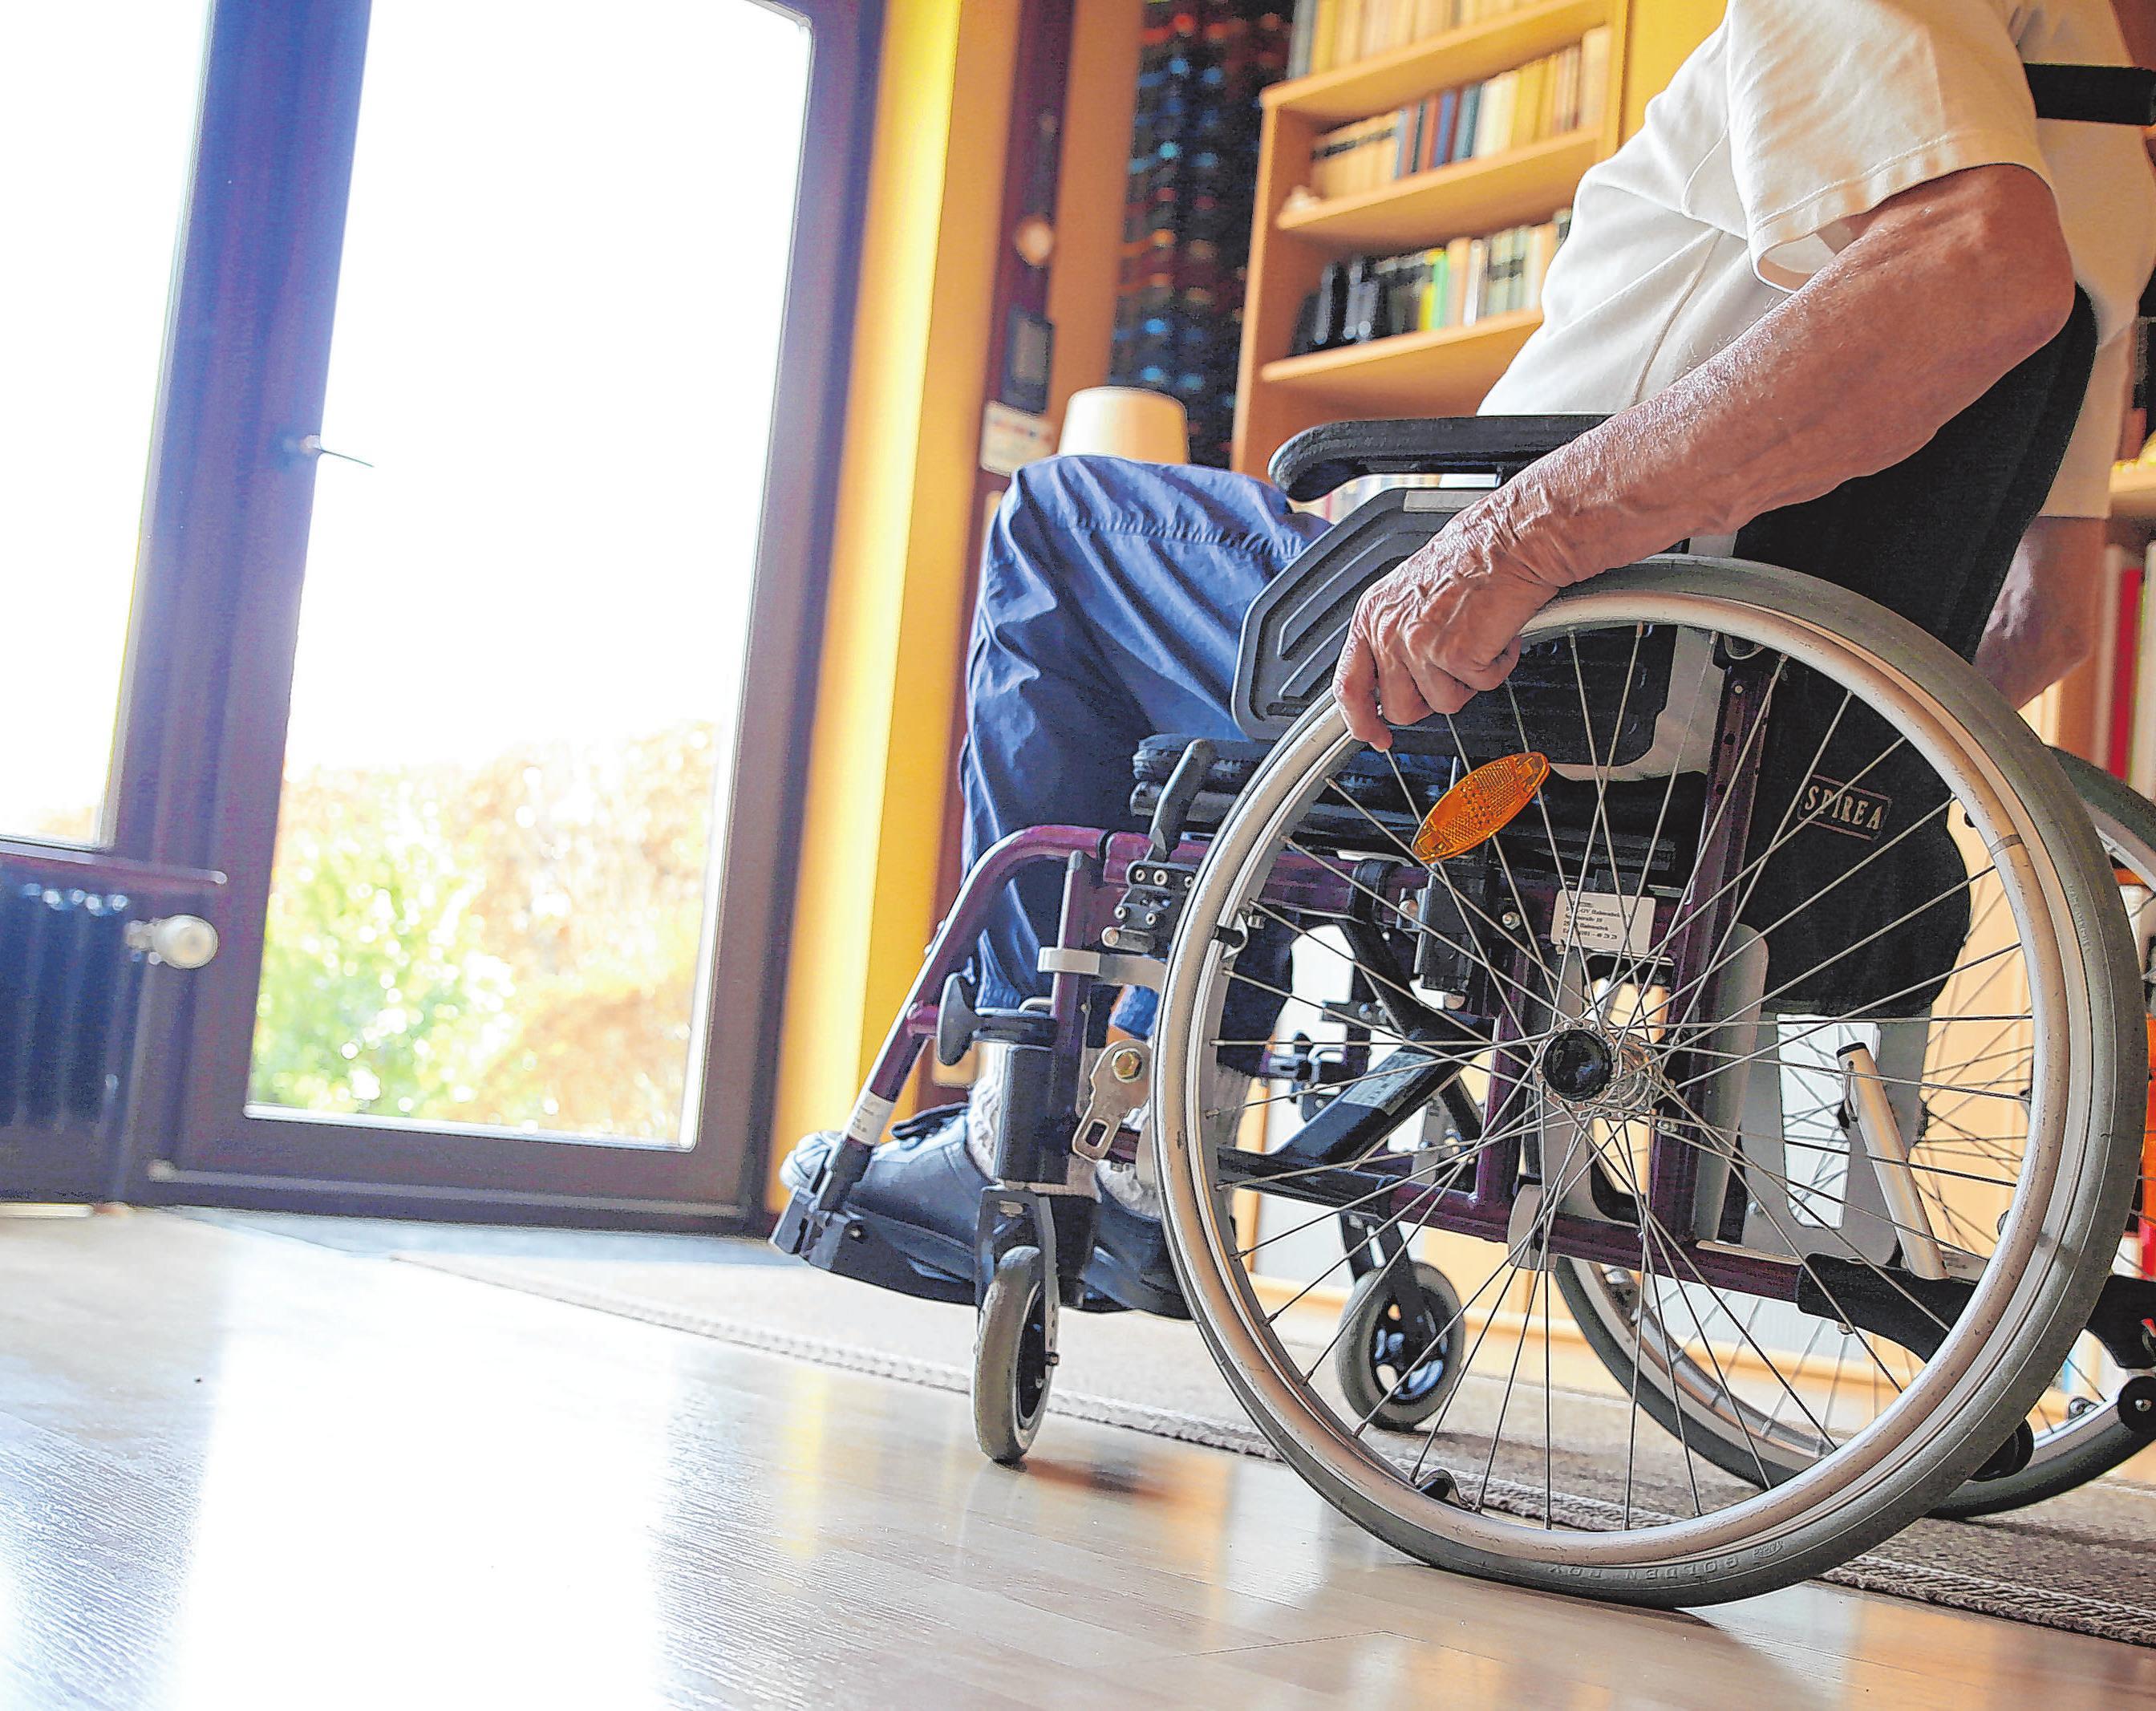 Bodentiefe Fenster ermöglichen Menschen im Rollstuhl den Blick nach draußen.Foto: Mascha Brichta/dpa-mag